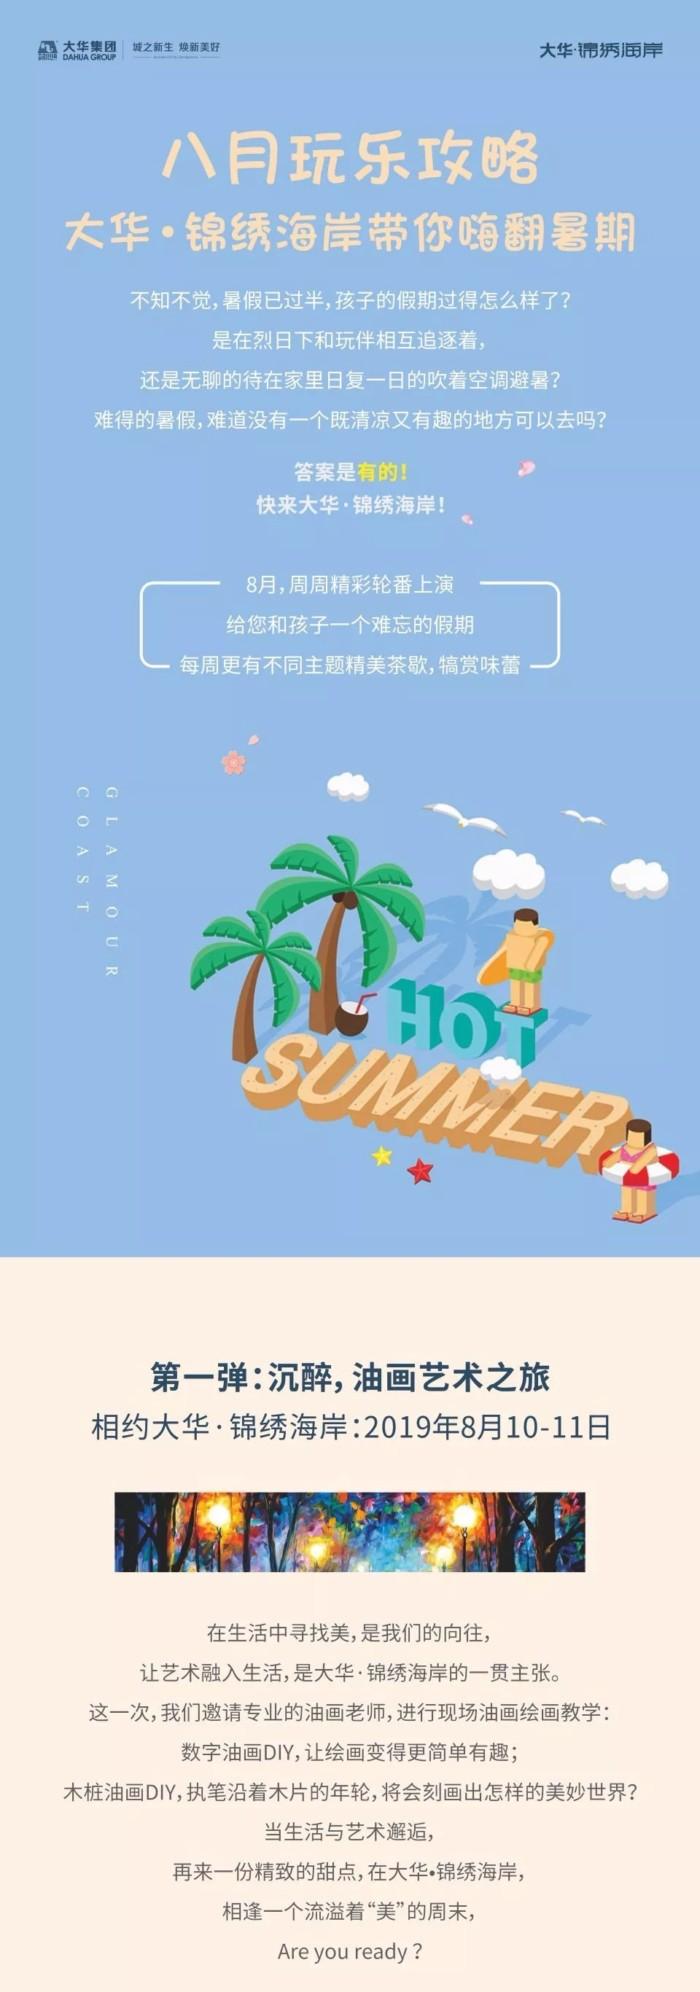 大华·锦绣海岸——八月游玩攻略 带你嗨翻暑假